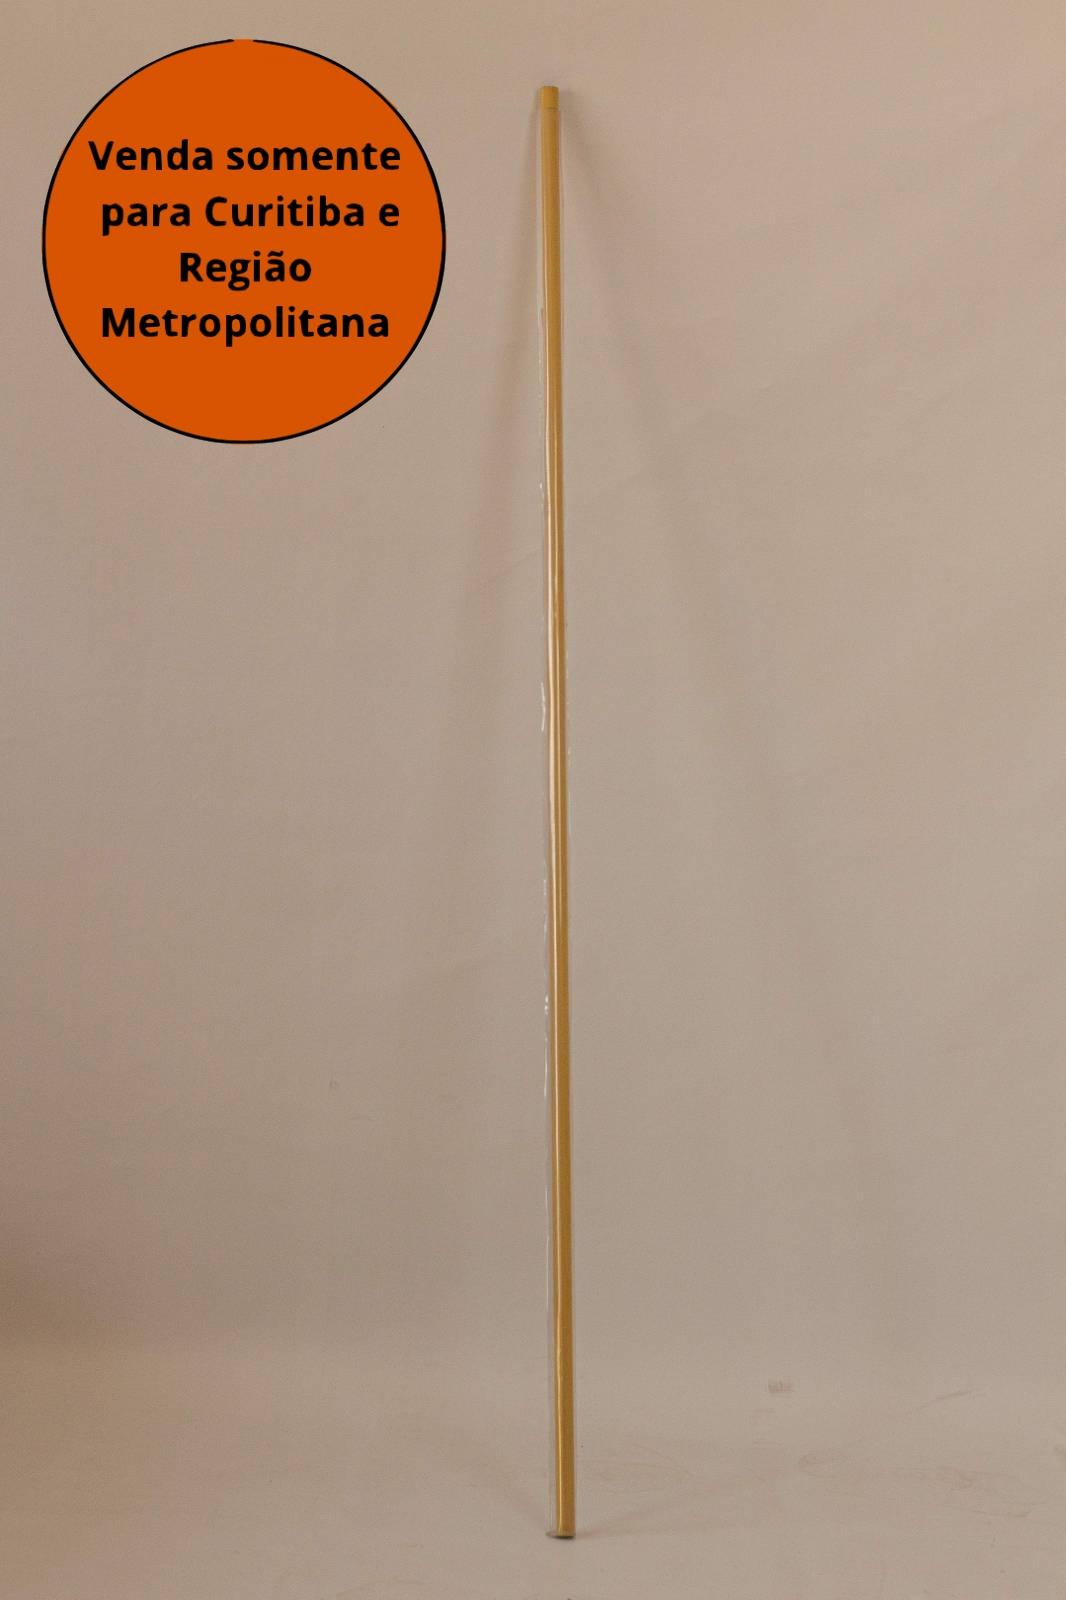 Varão De Aluminio 1,5 Metros Marfim Reli - MATERGI MATERIAIS DE CONSTRUÇÃO